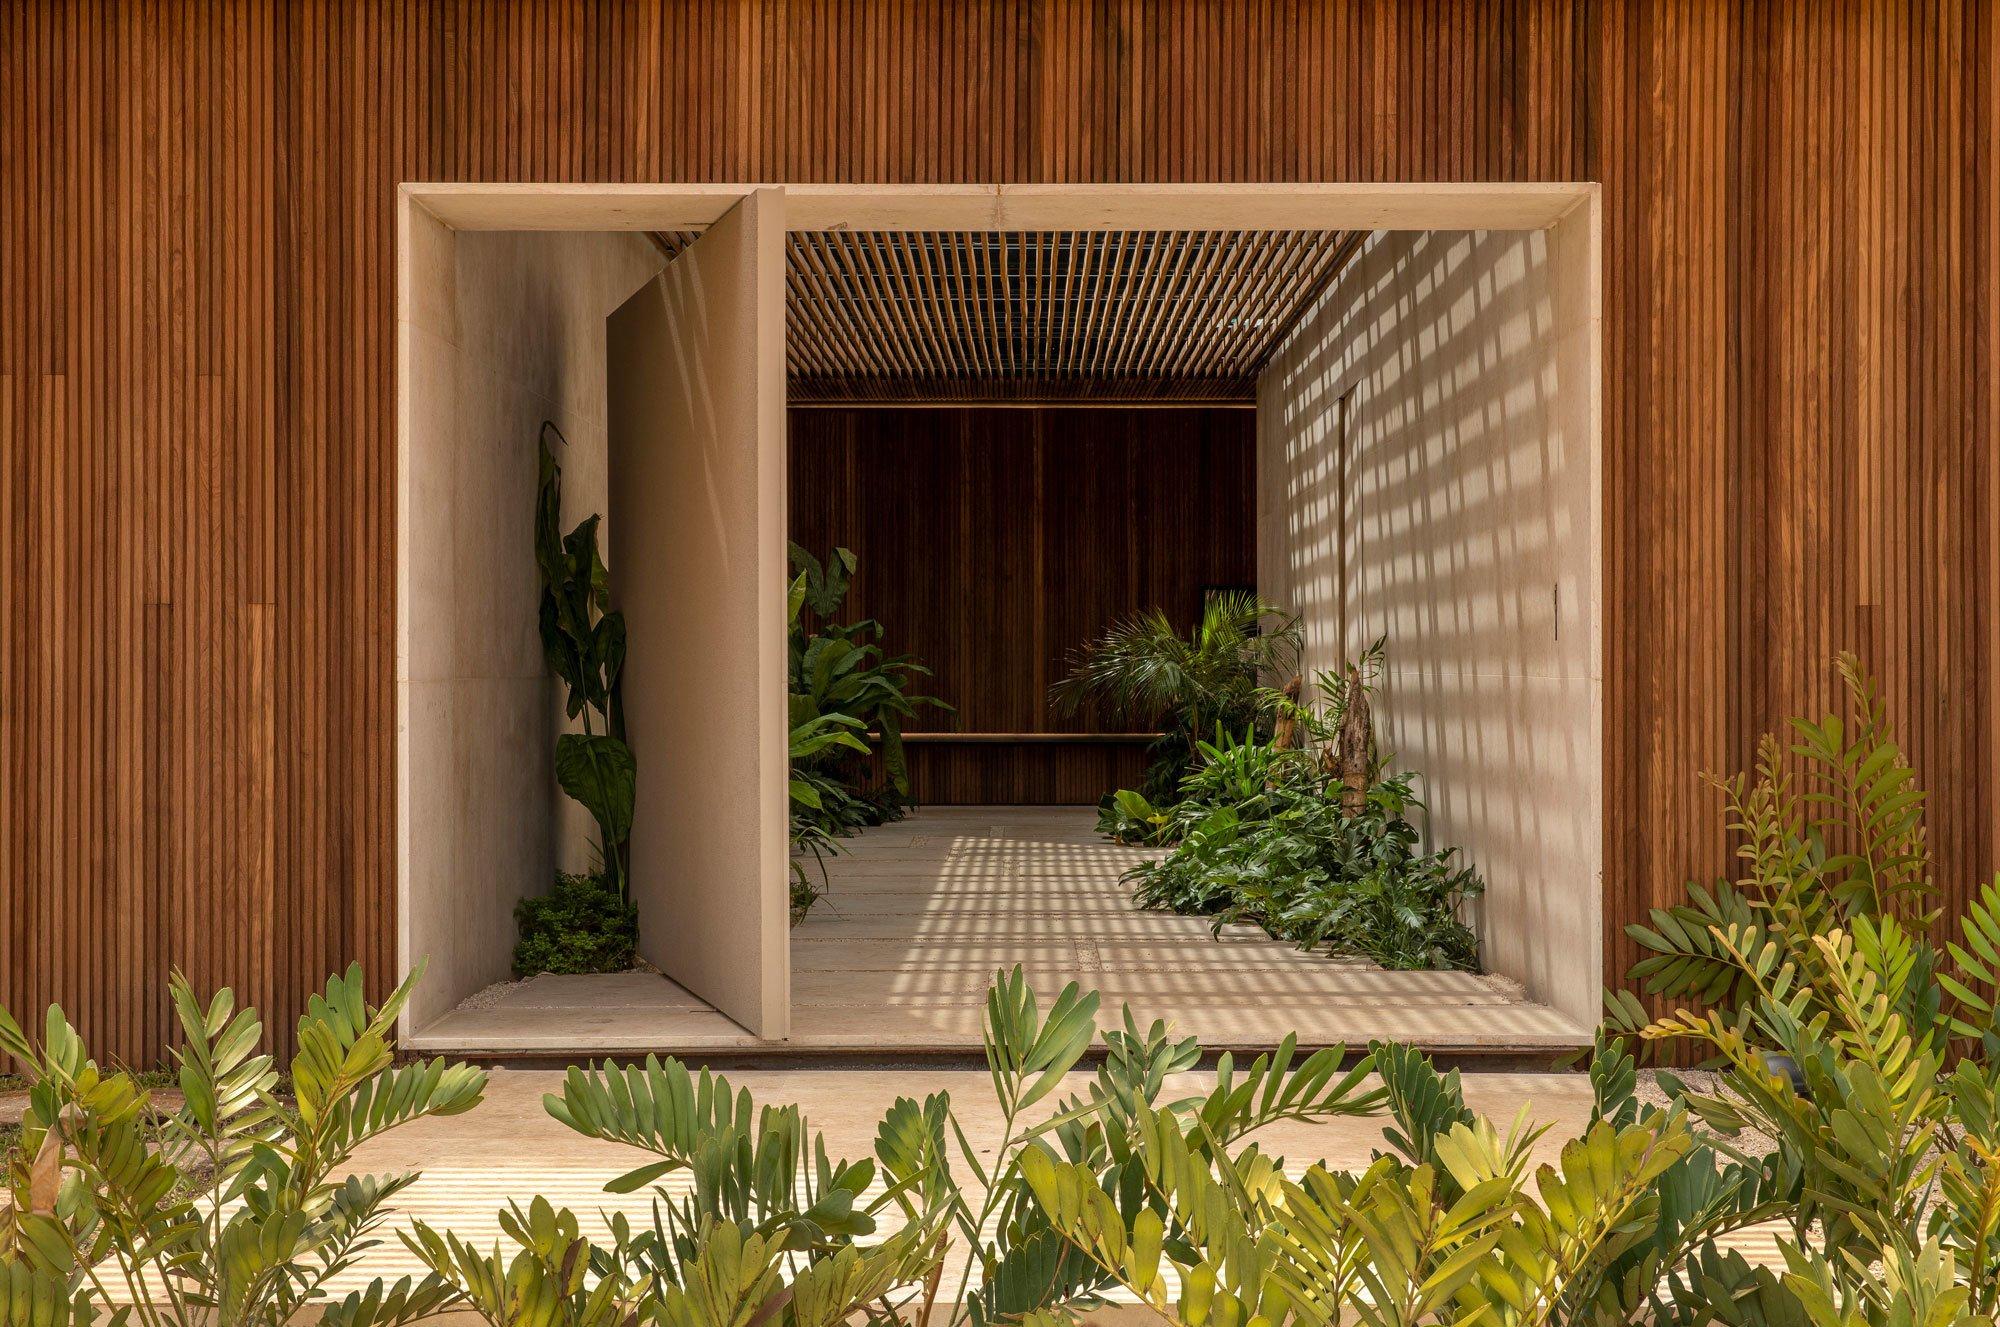 Im brasilianischen Rifaina, am Ufer des Rio Grande, bauten mf+arquitetos ein luxuriöses Ferienhaus mit fließenden Übergängen zwischen Architektur und Natur.